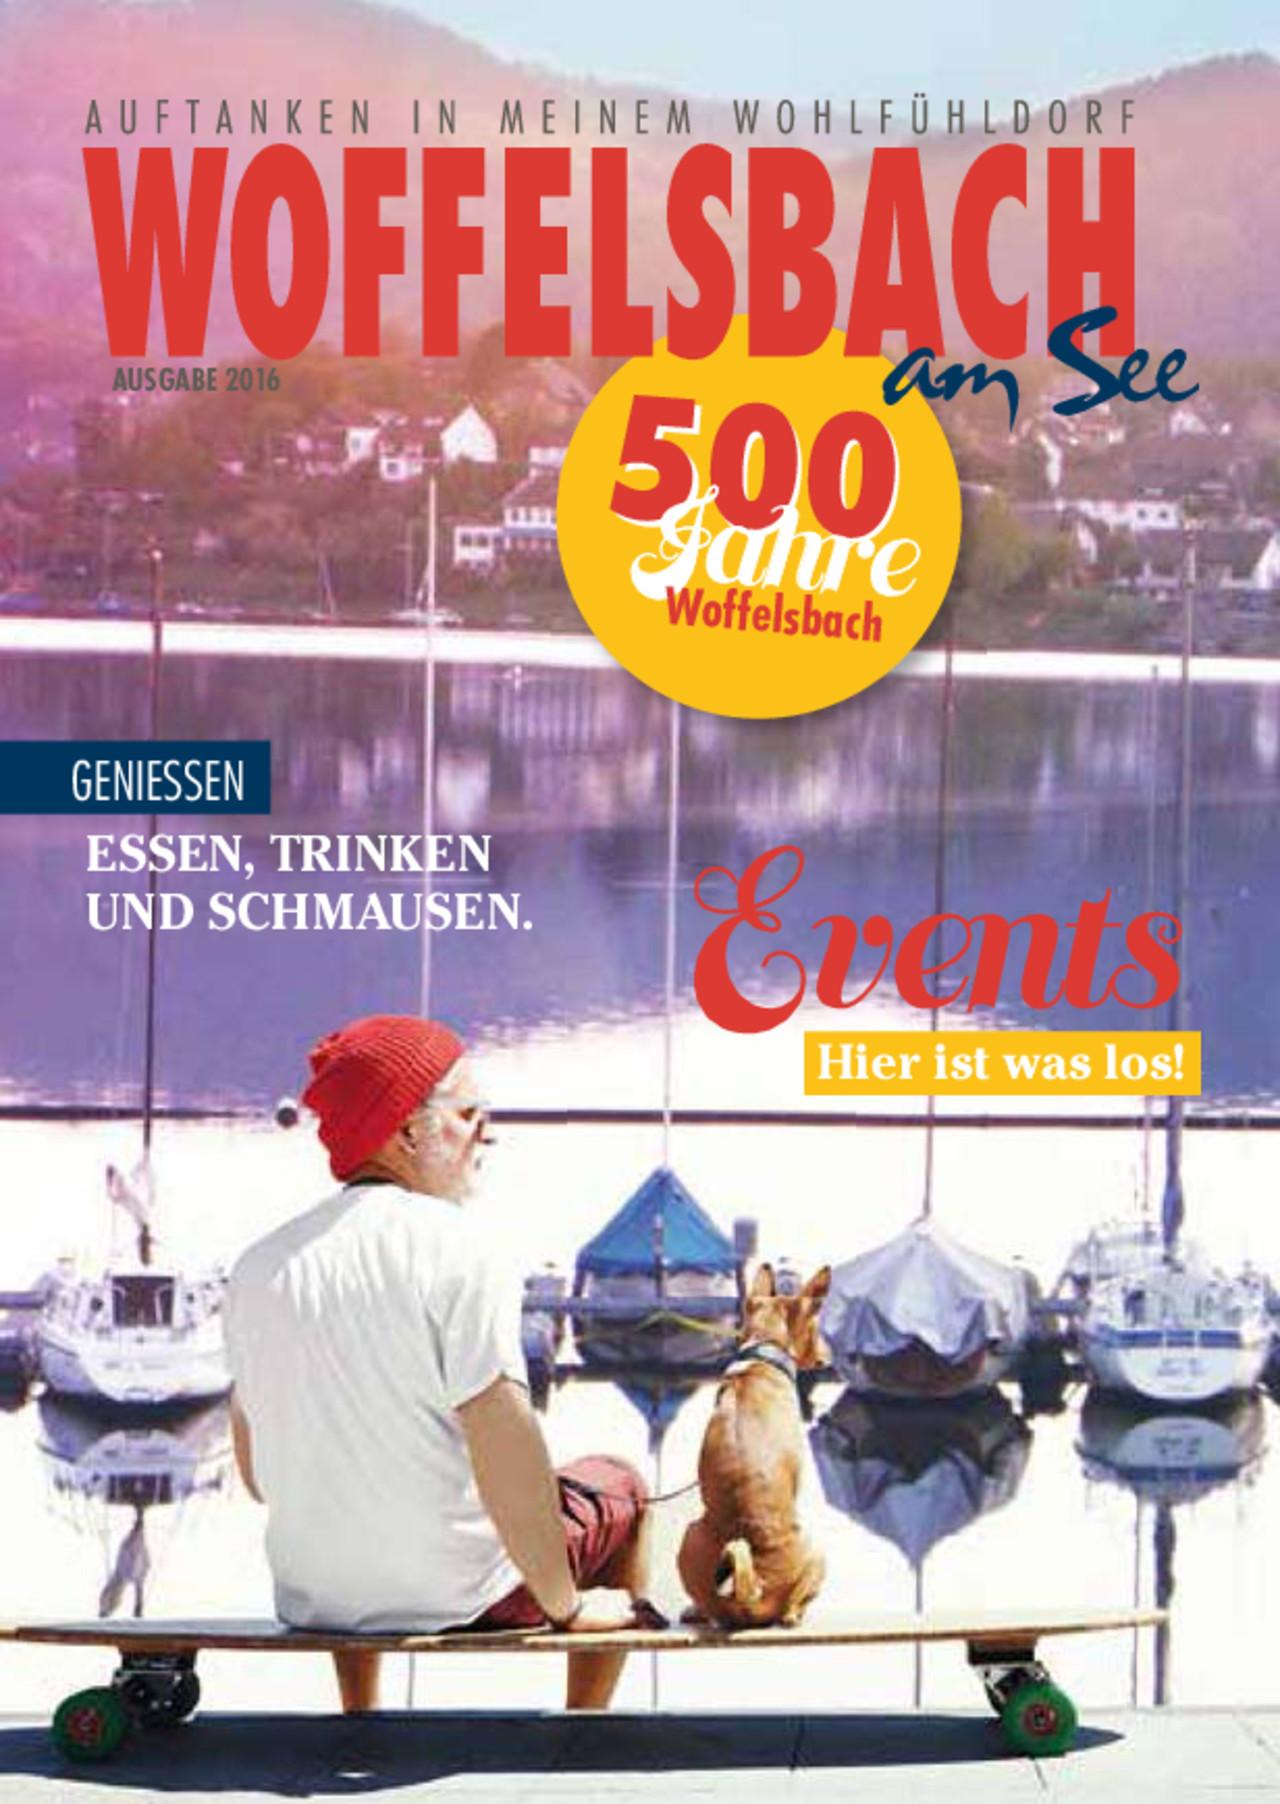 2016_03_23 Woffelsbach Magazin 2016